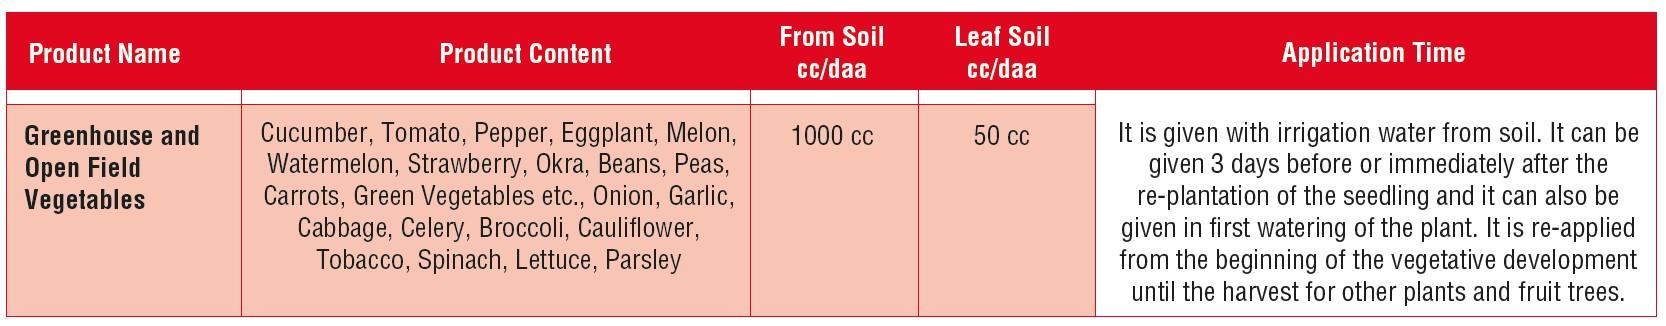 Vegetables usage